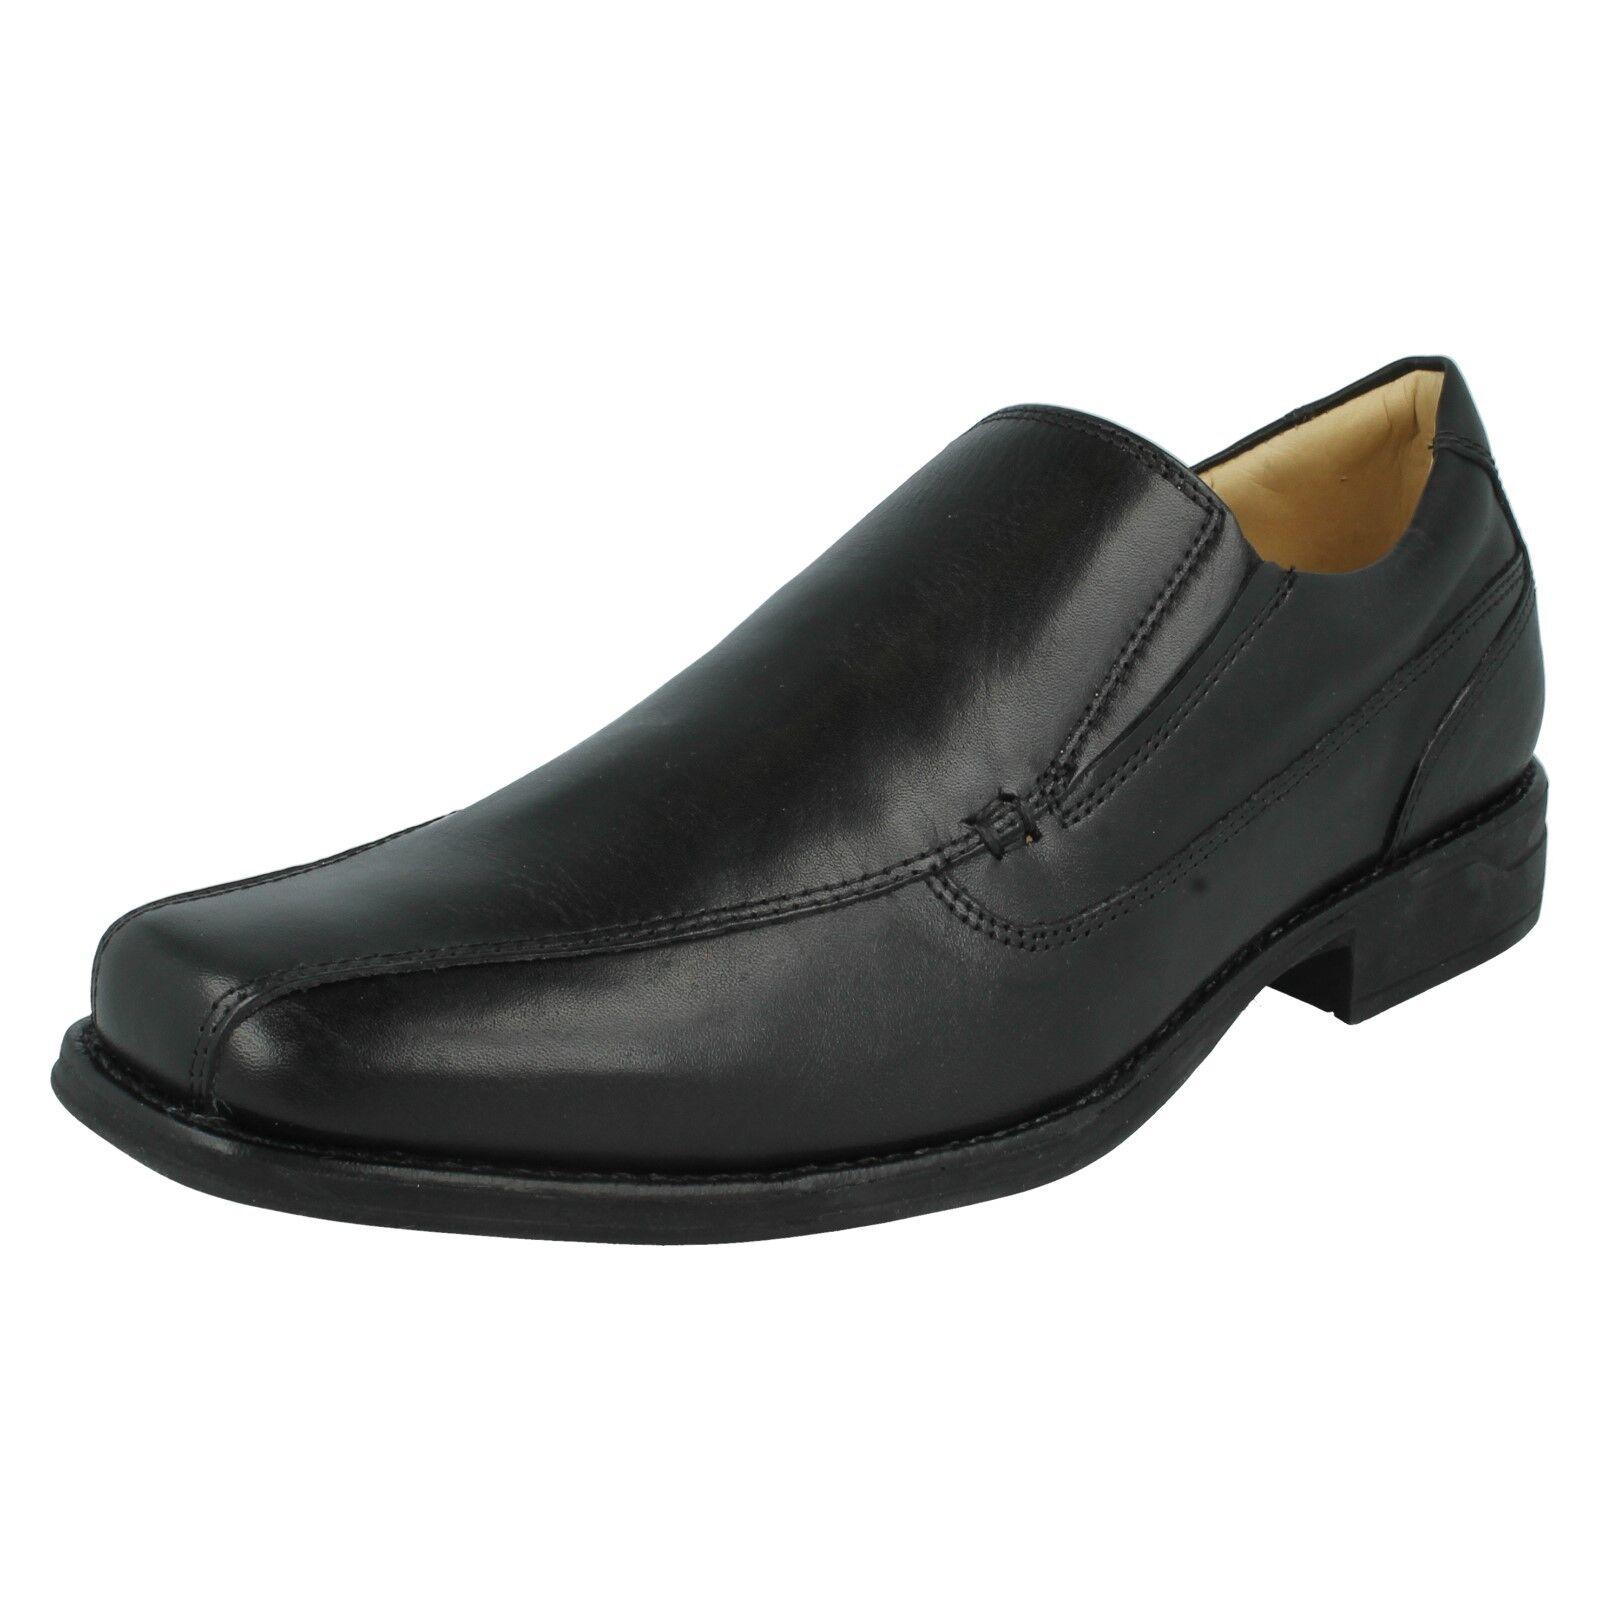 Herren Anatomic & Co einfach schwarz Leder Slipper Formell Smart Arbeitsschuhe